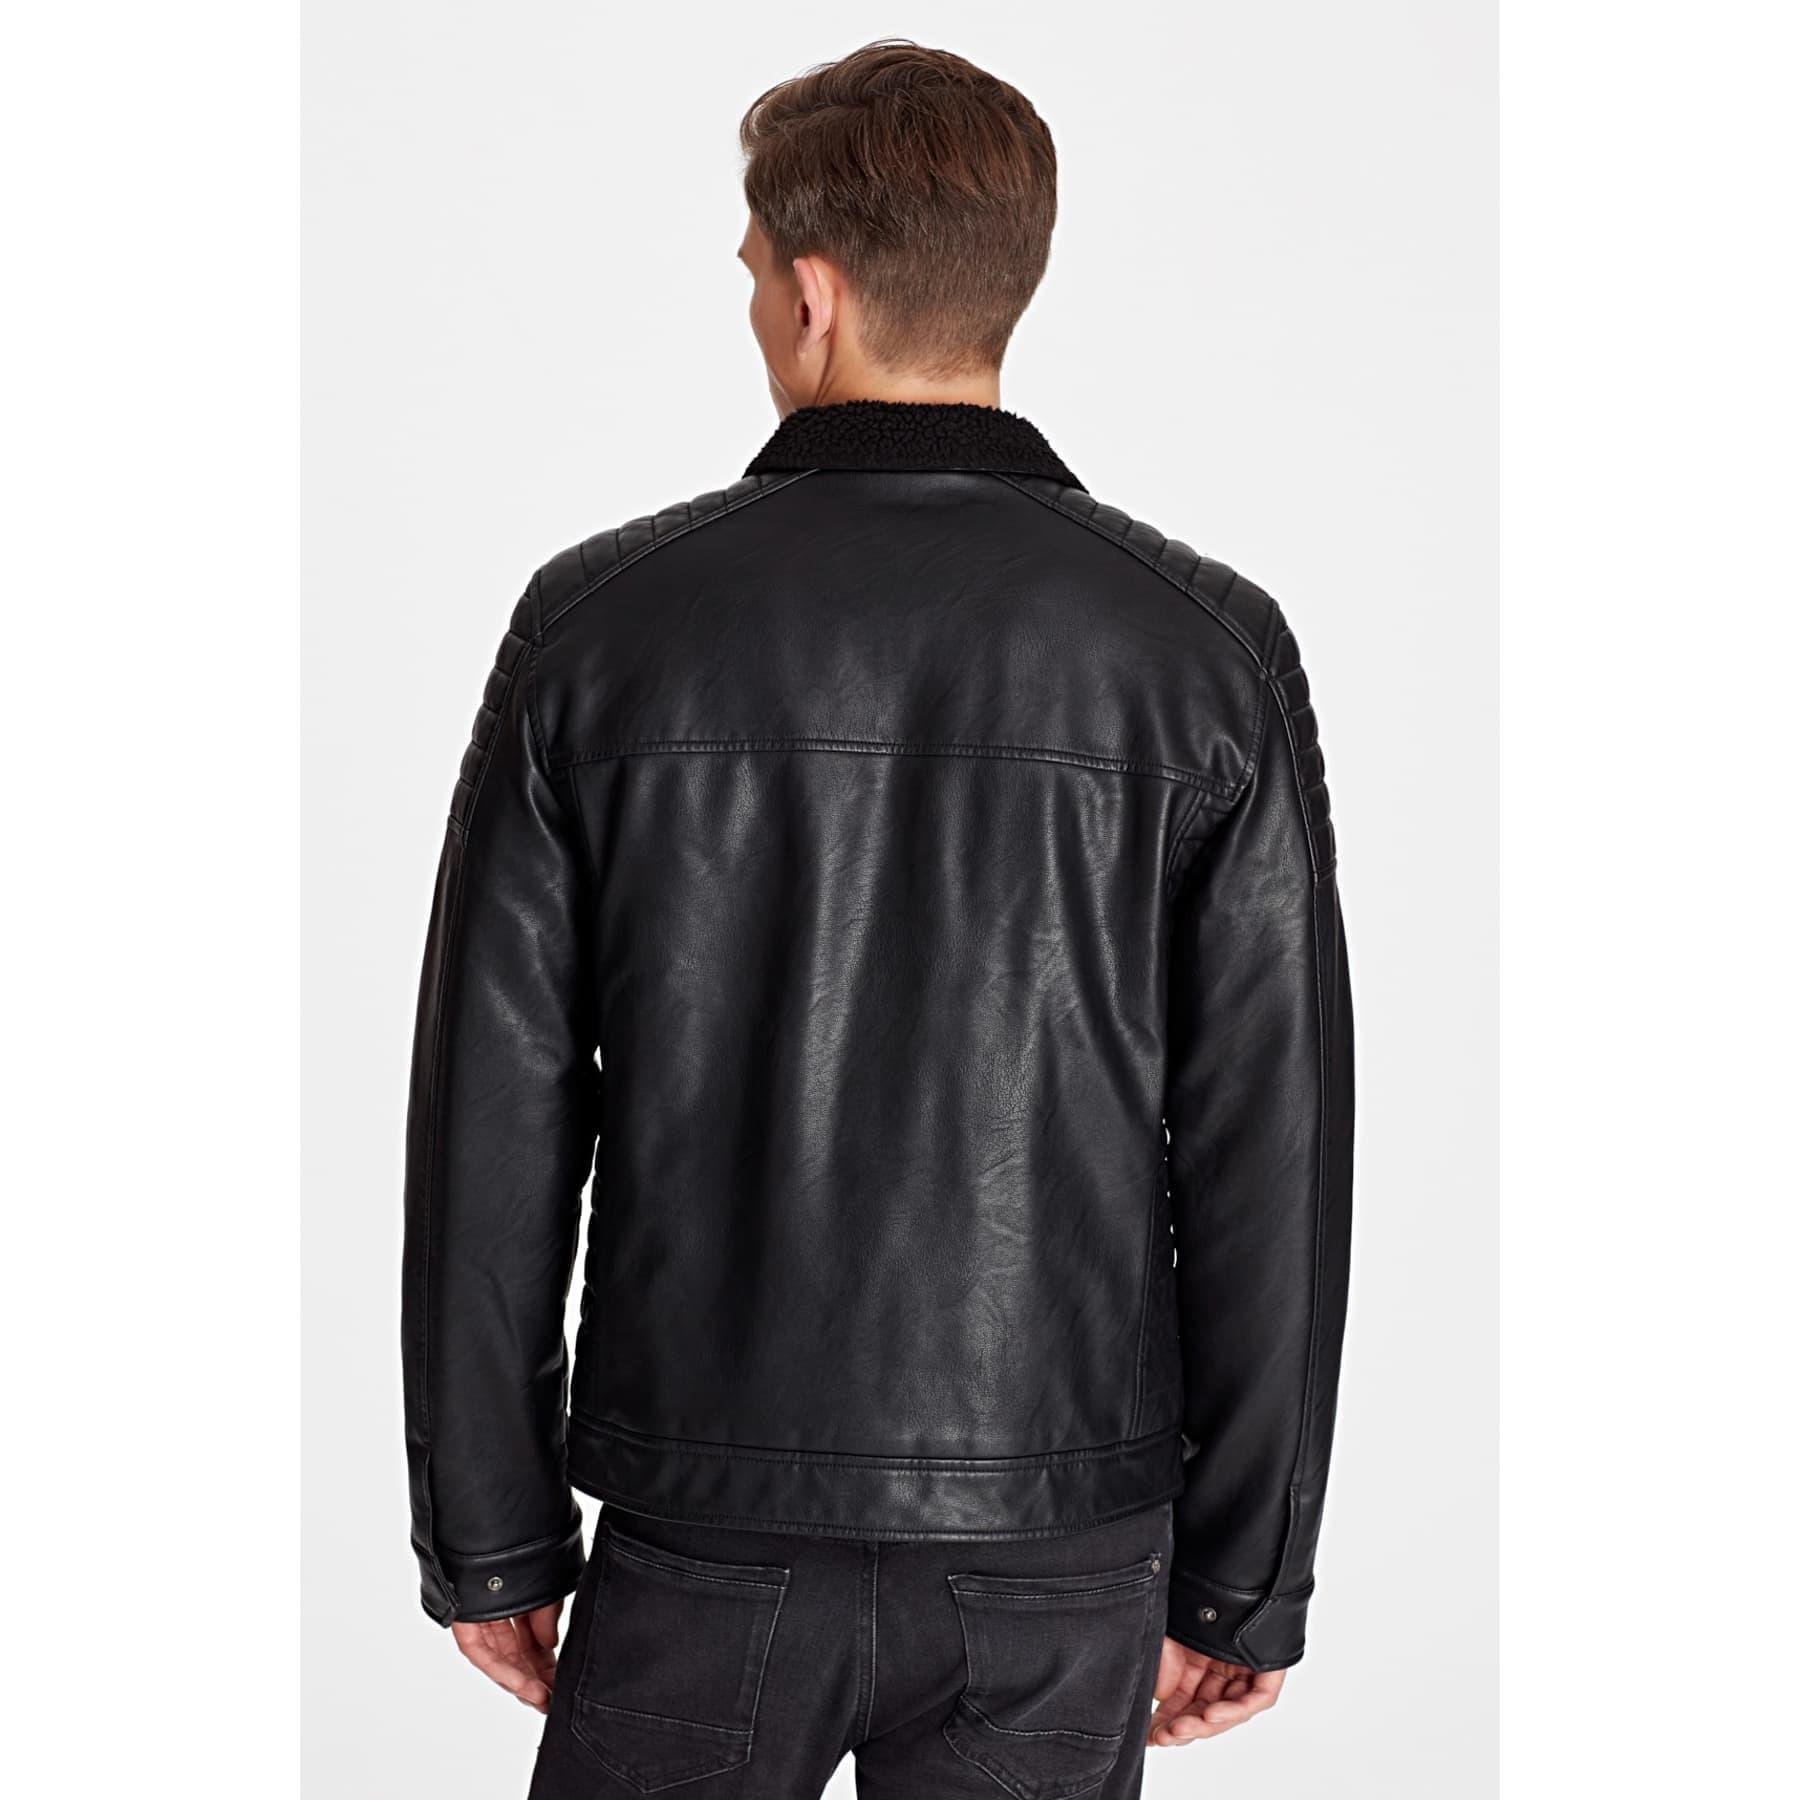 Mavi Jeans Siyah Suni Deri Erkek Ceket